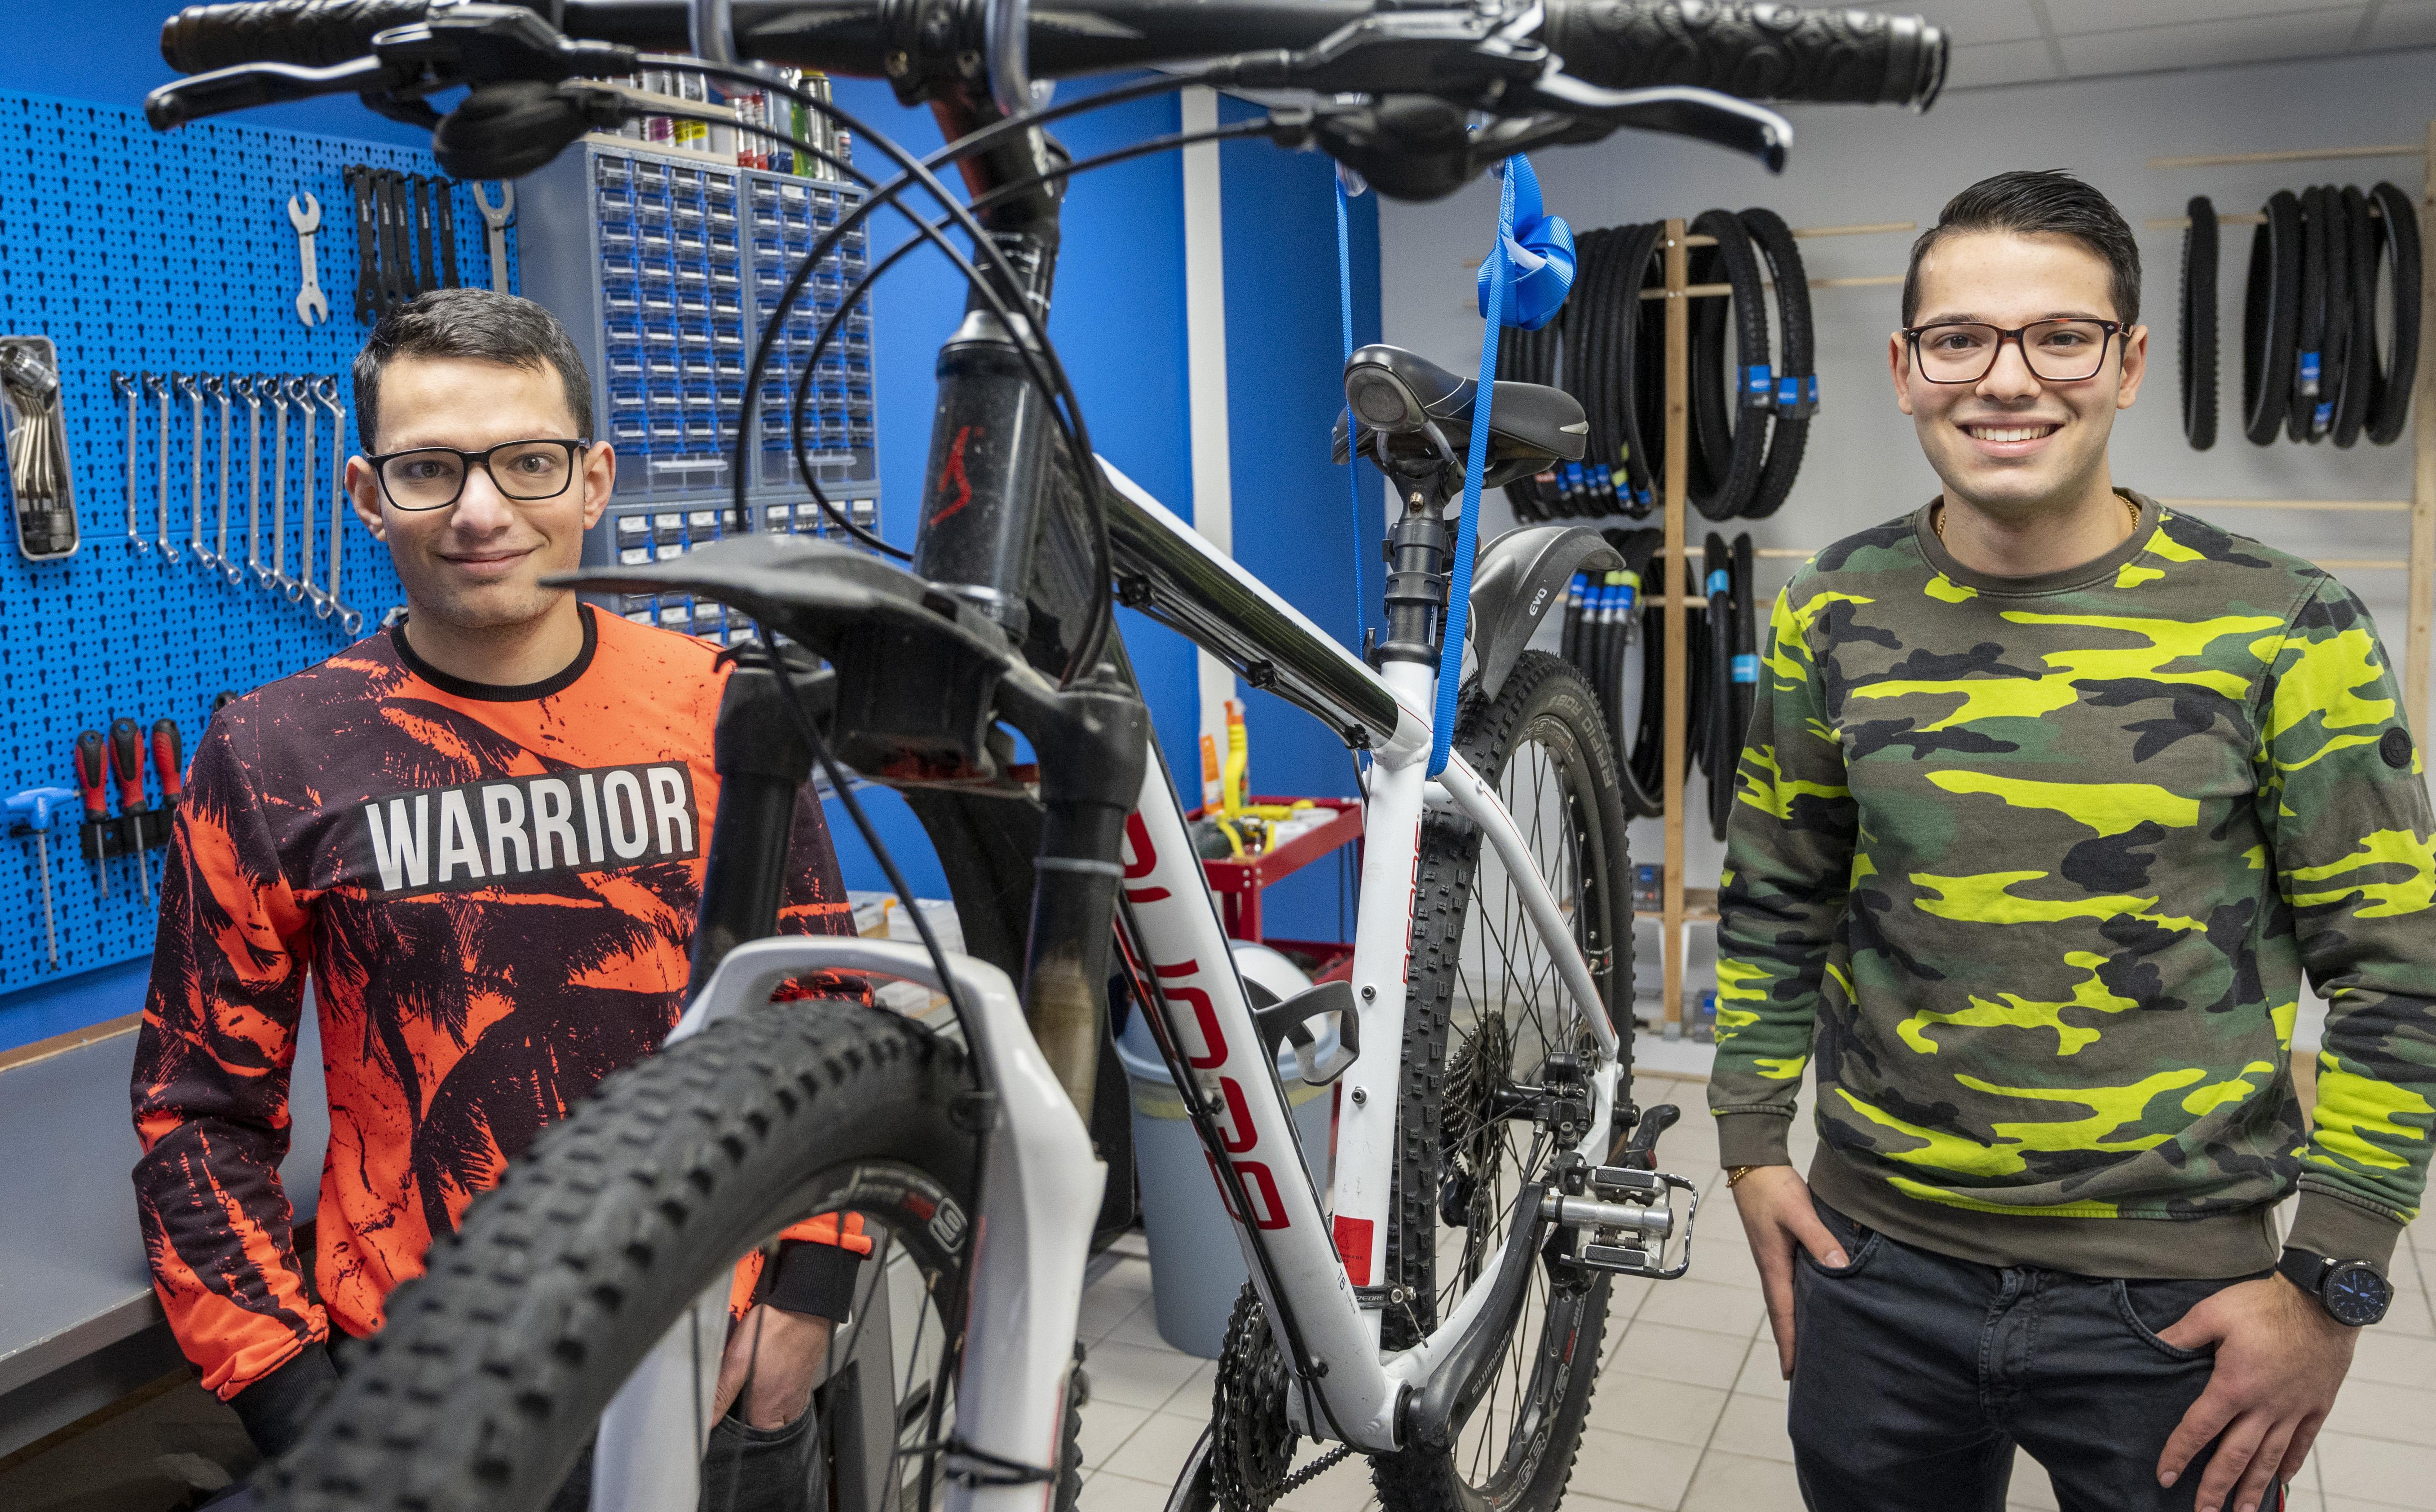 Enthousiaste Syrische broers (21 en 18 jaar) openen fietsenreparatiewinkel in Vogelenzang